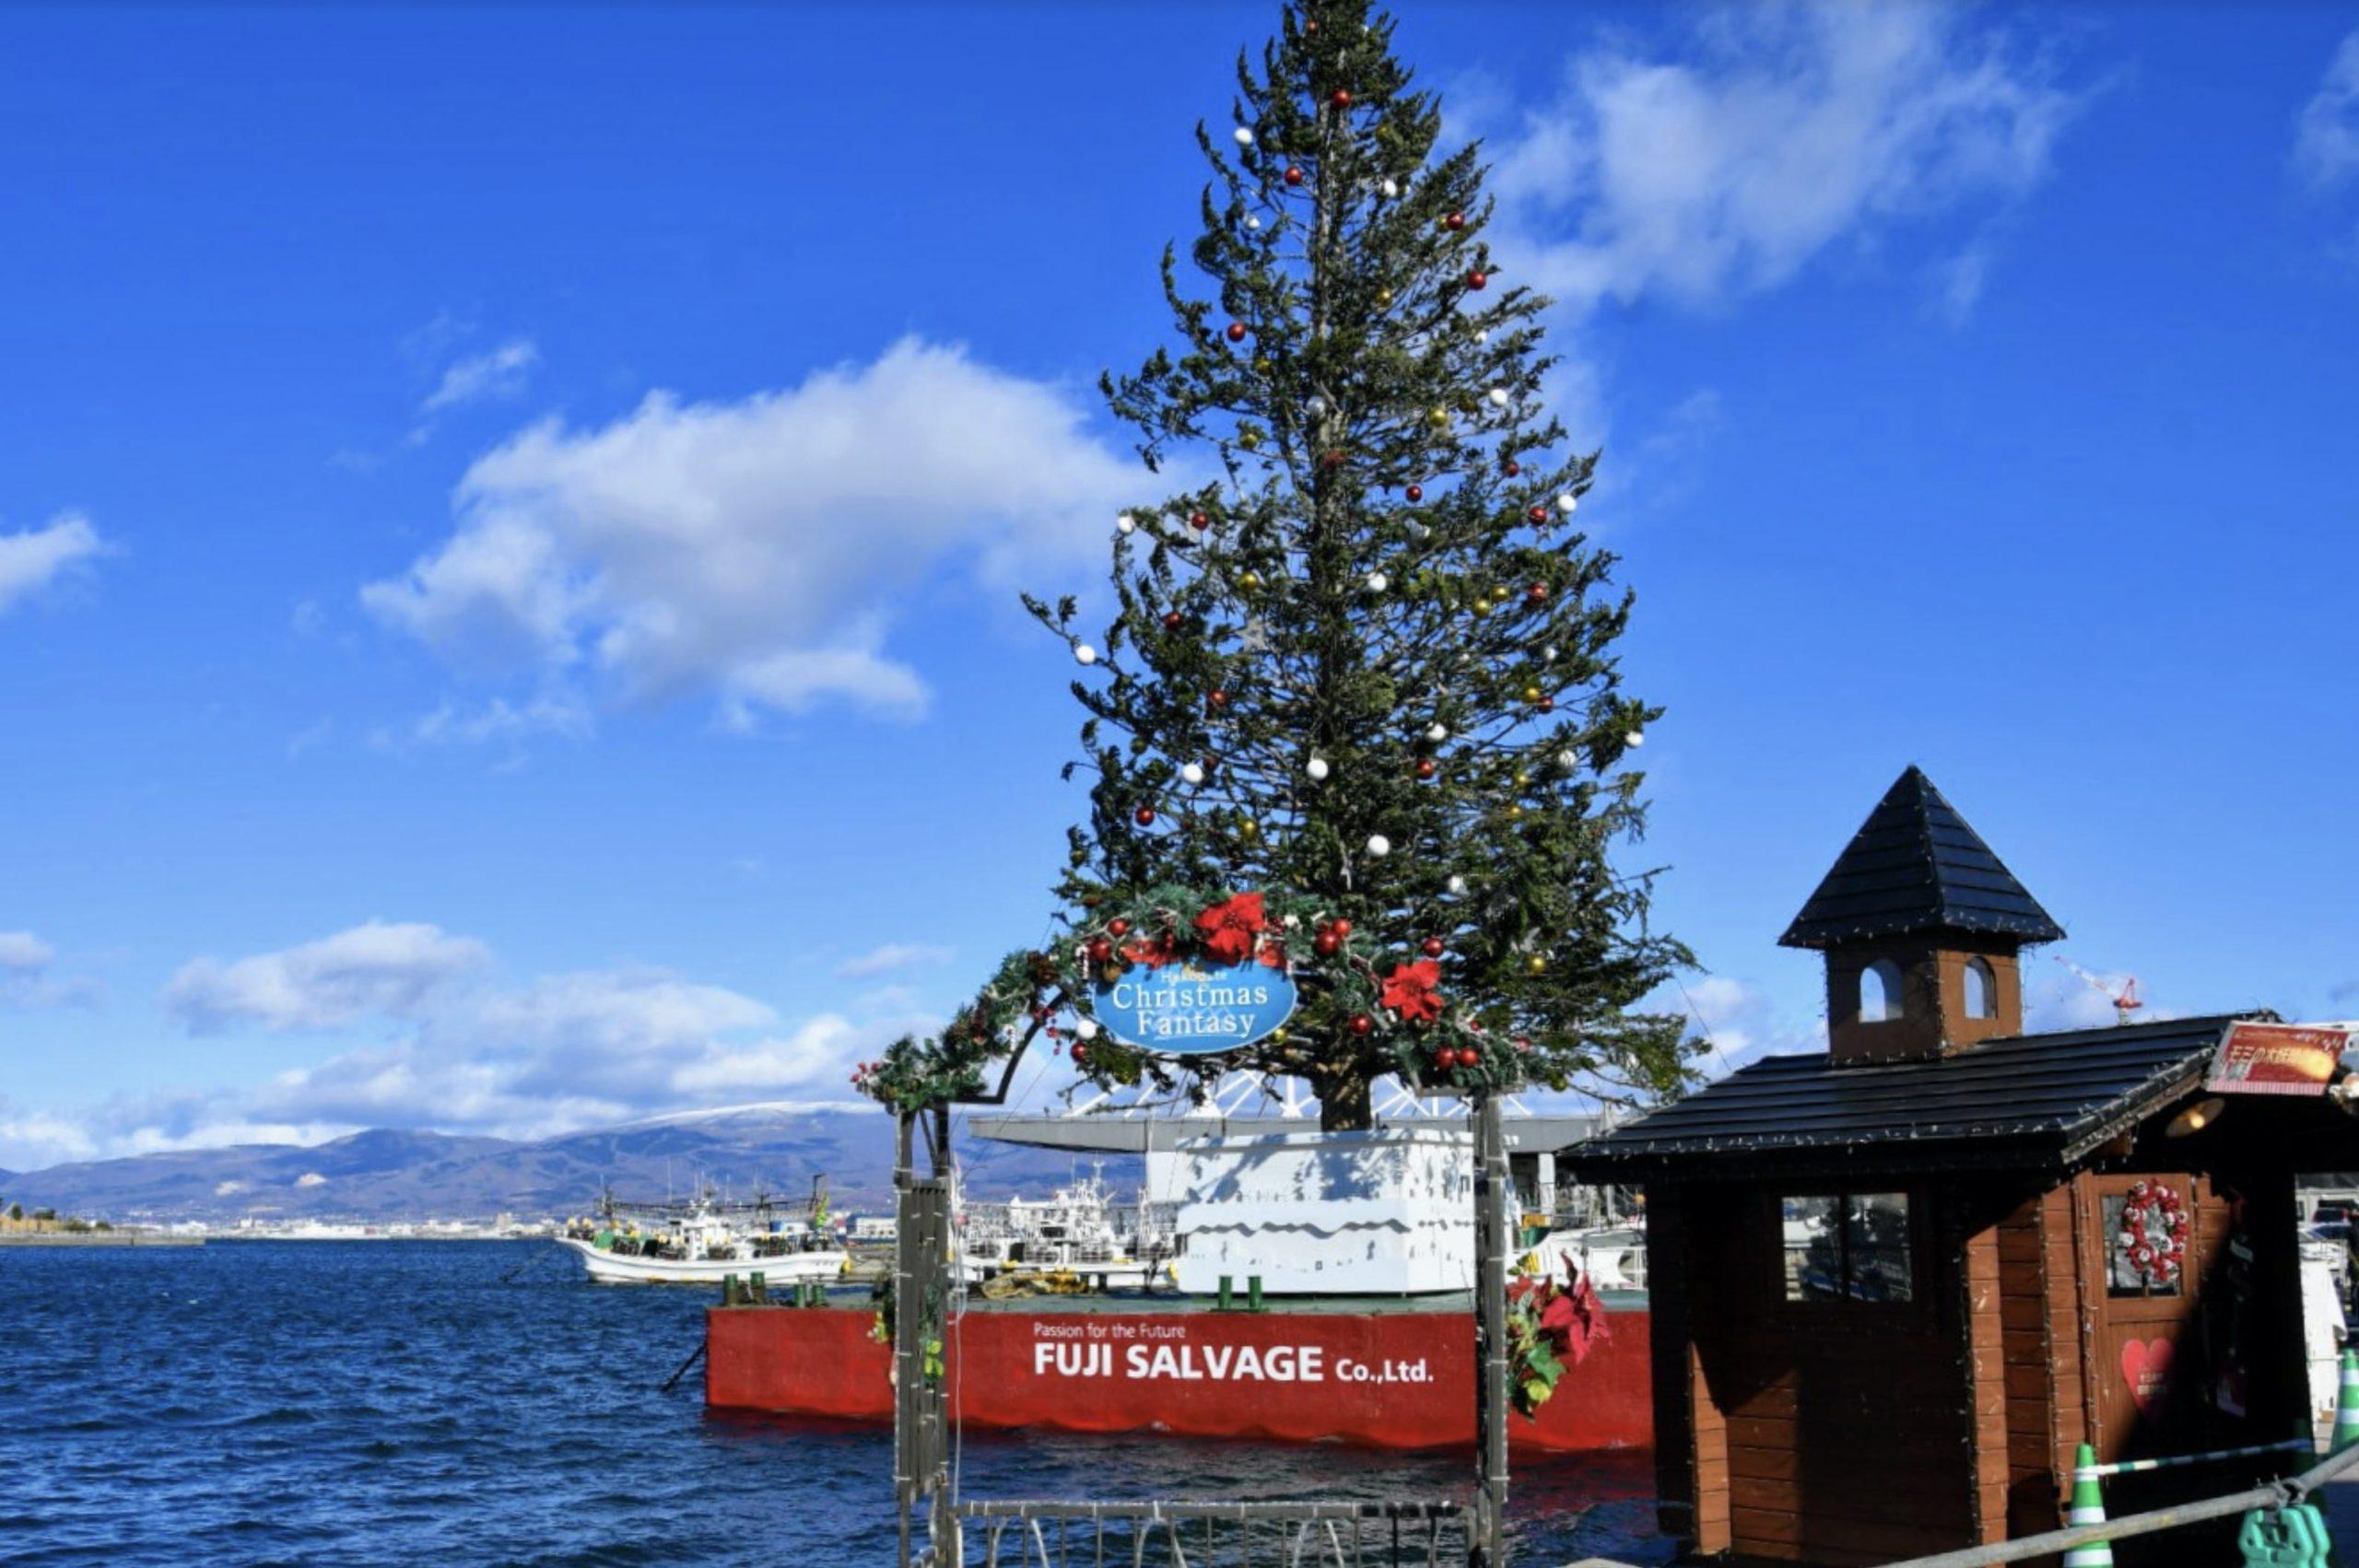 はこだてクリスマスファンタジーのクリスマスツリー